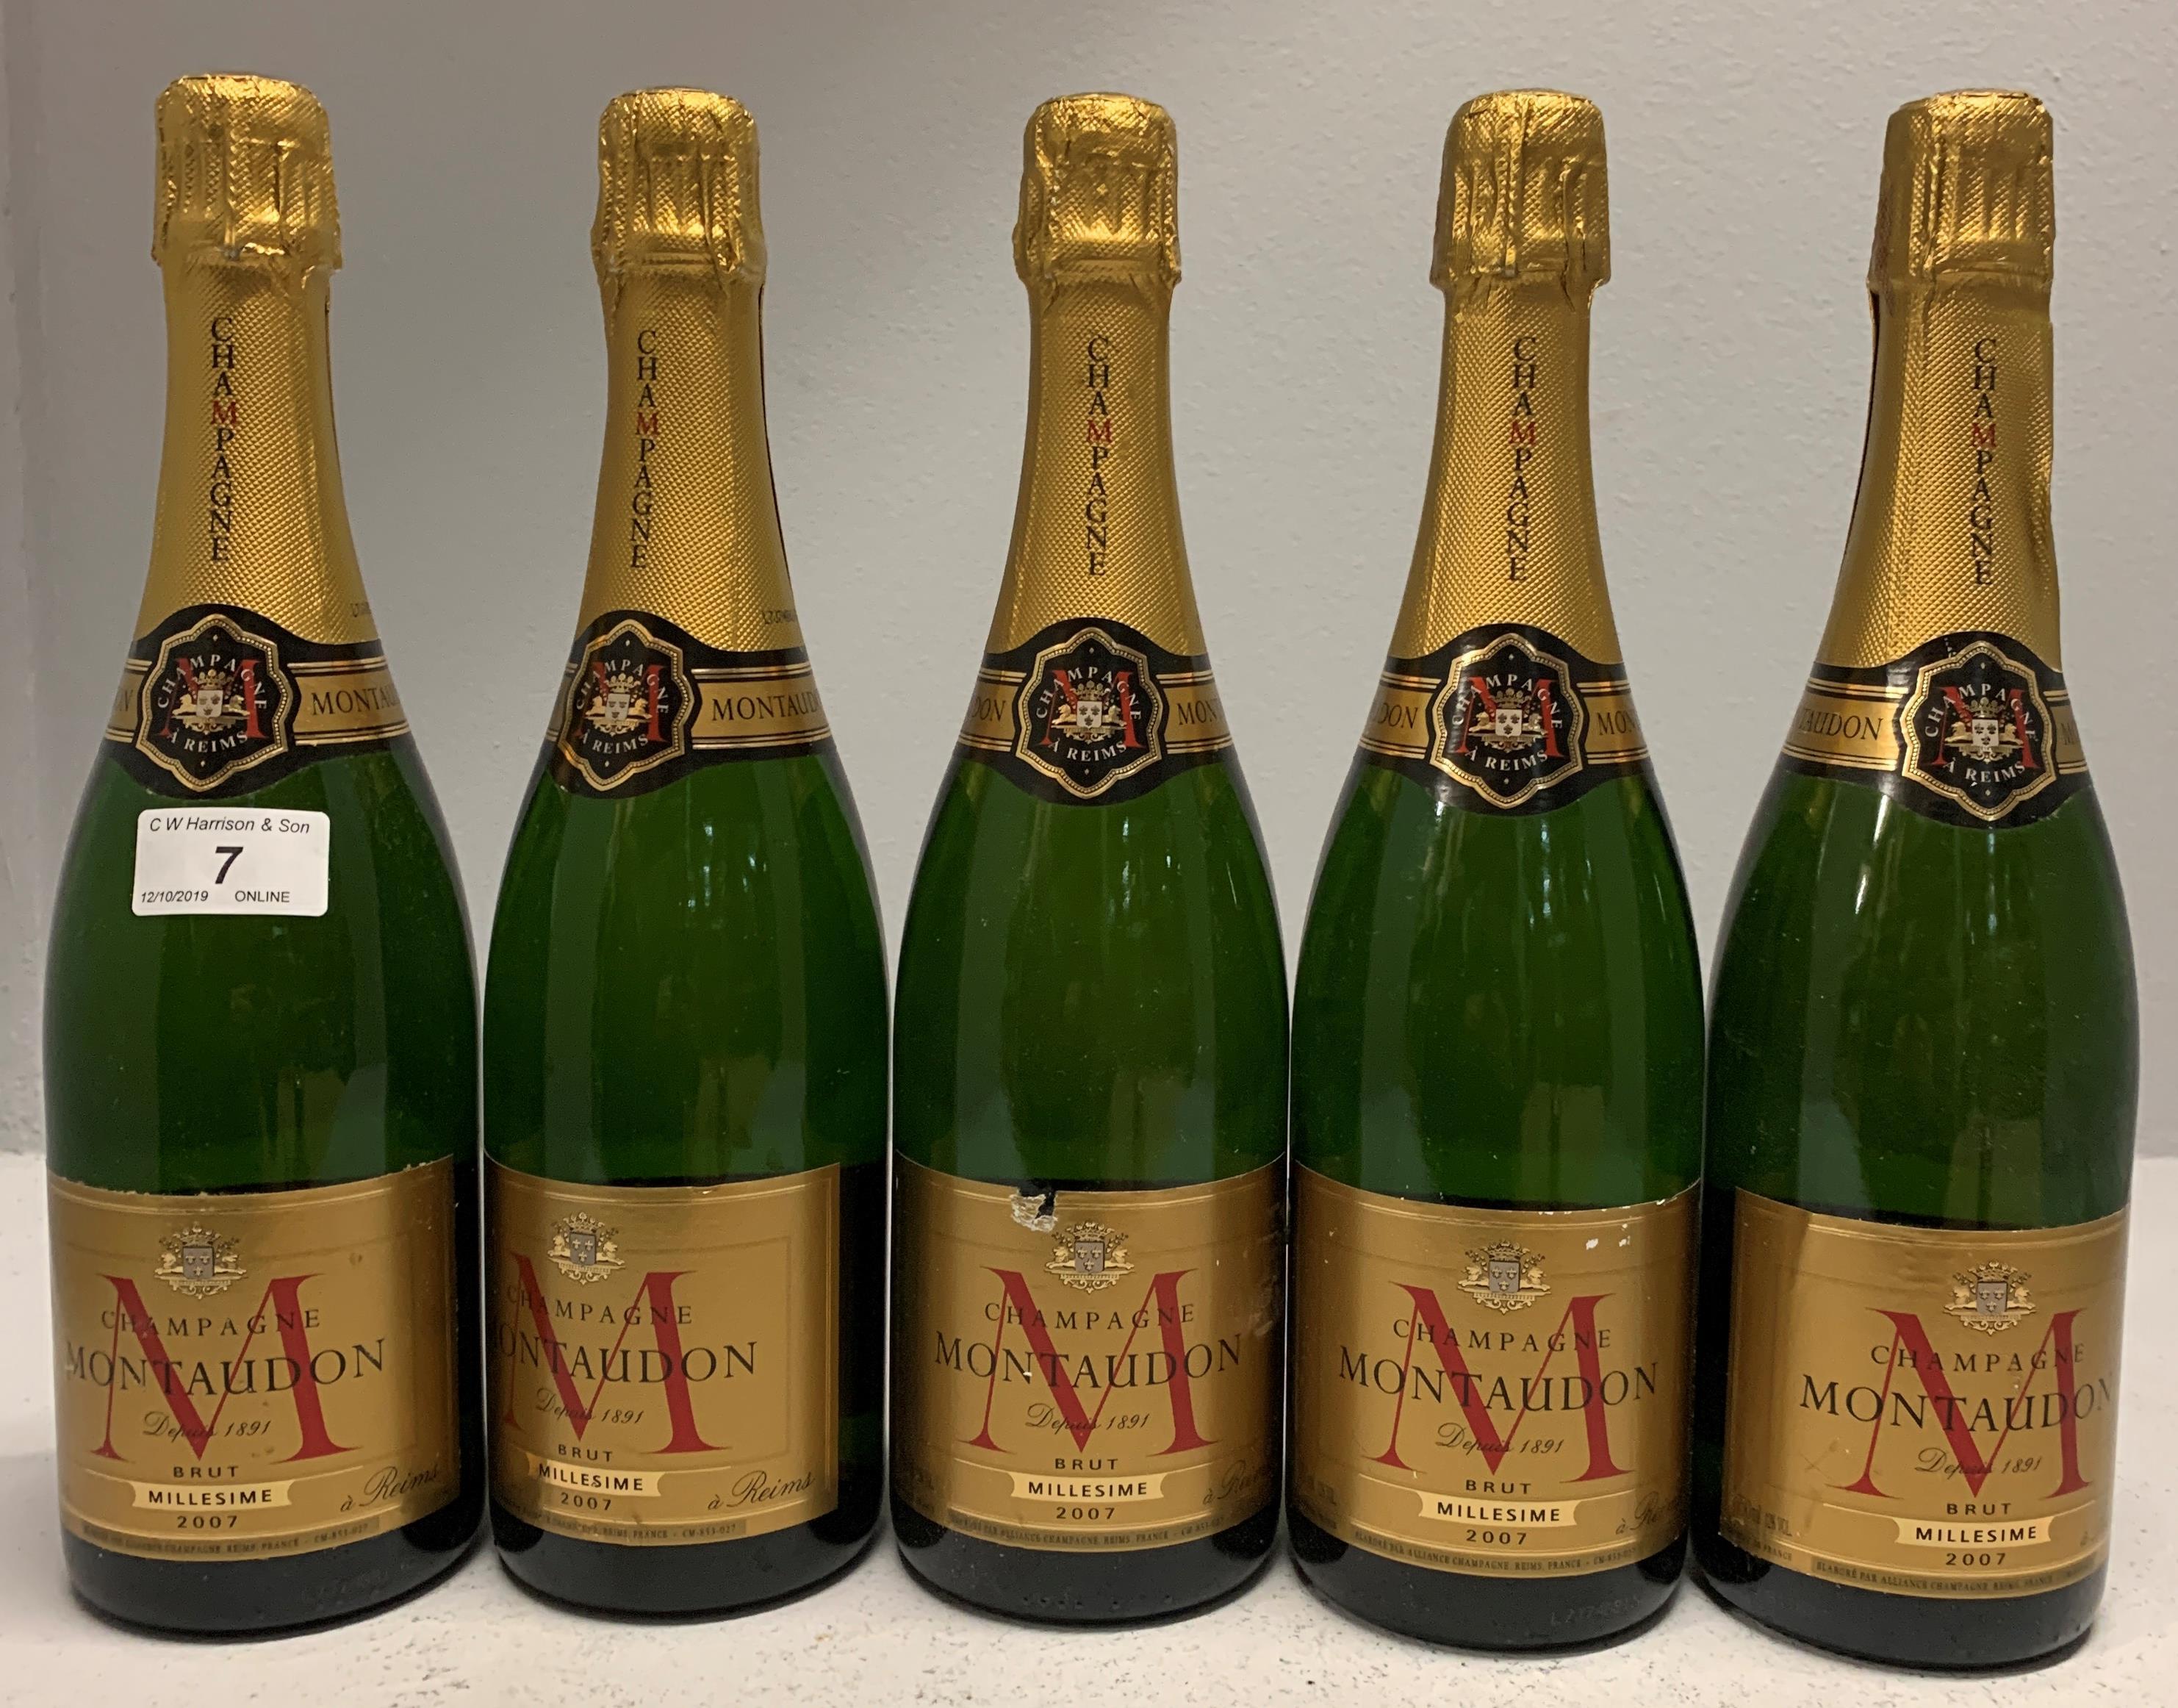 Lot 7 - 5 x 750ml bottles Montaudon 2007 Brut Mi